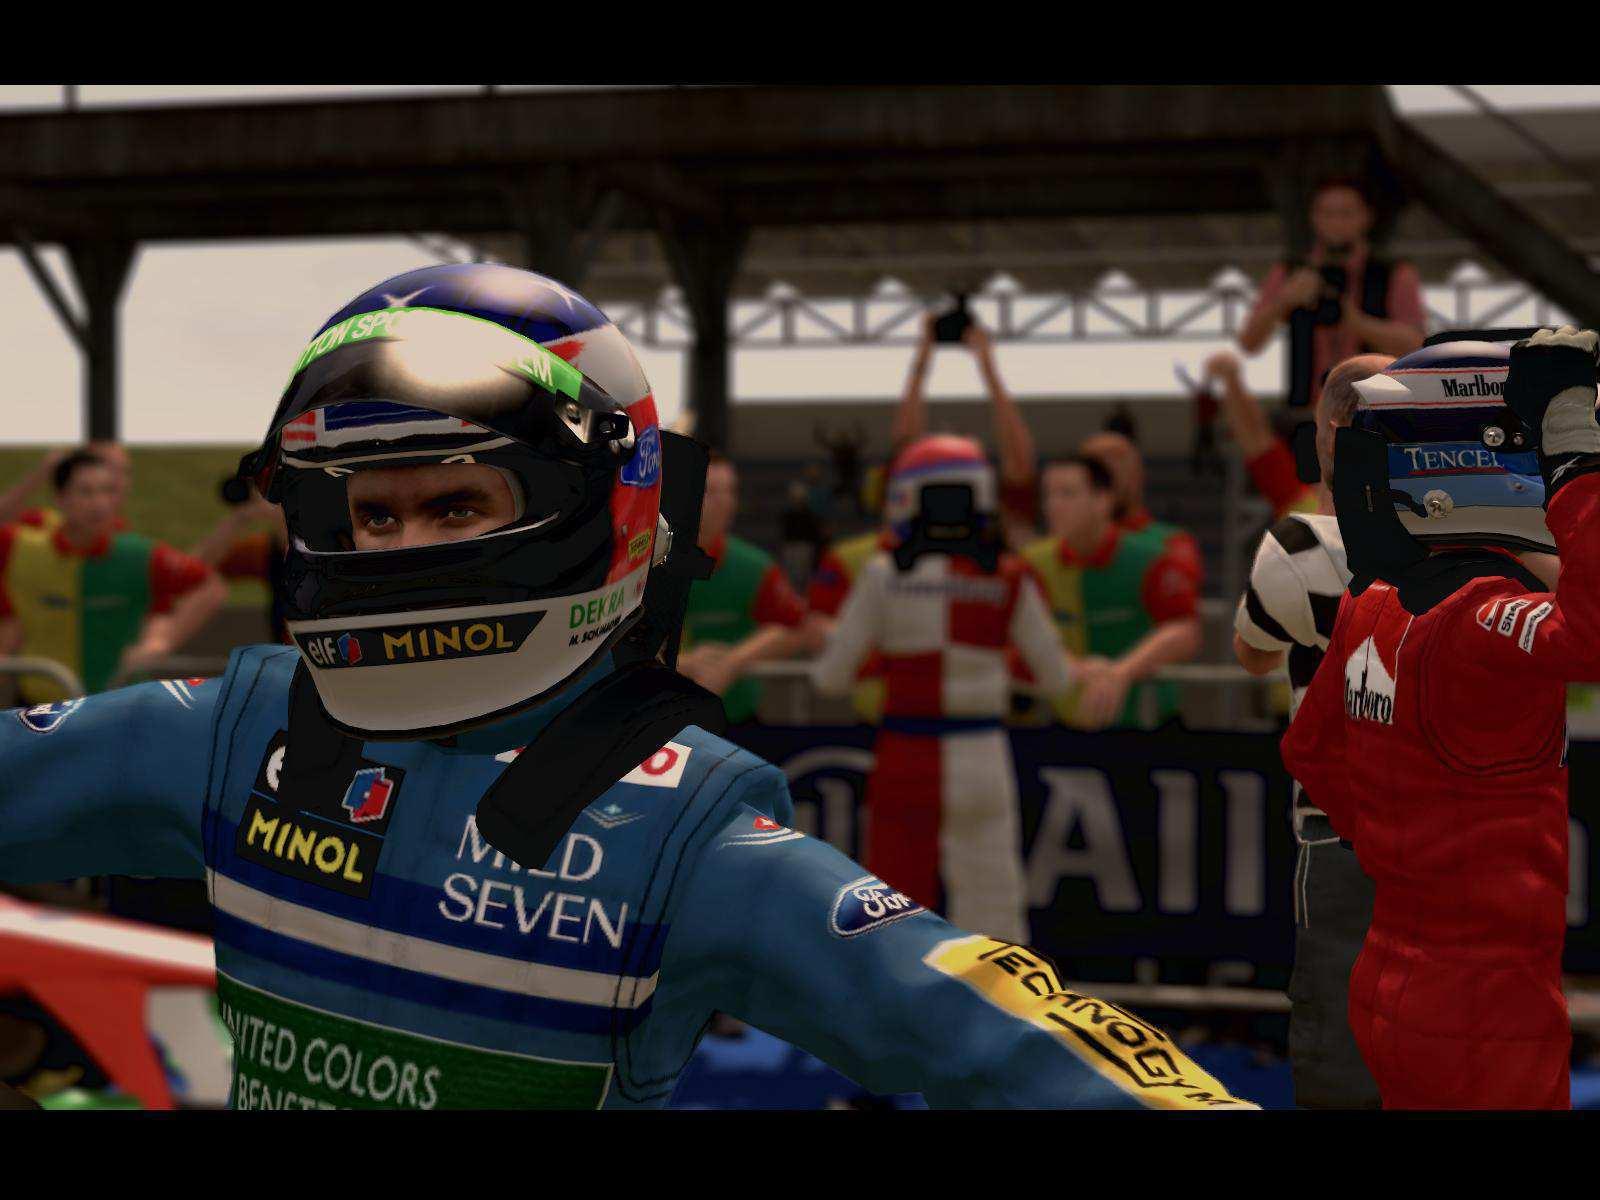 94_Benetton_10-M.jpg